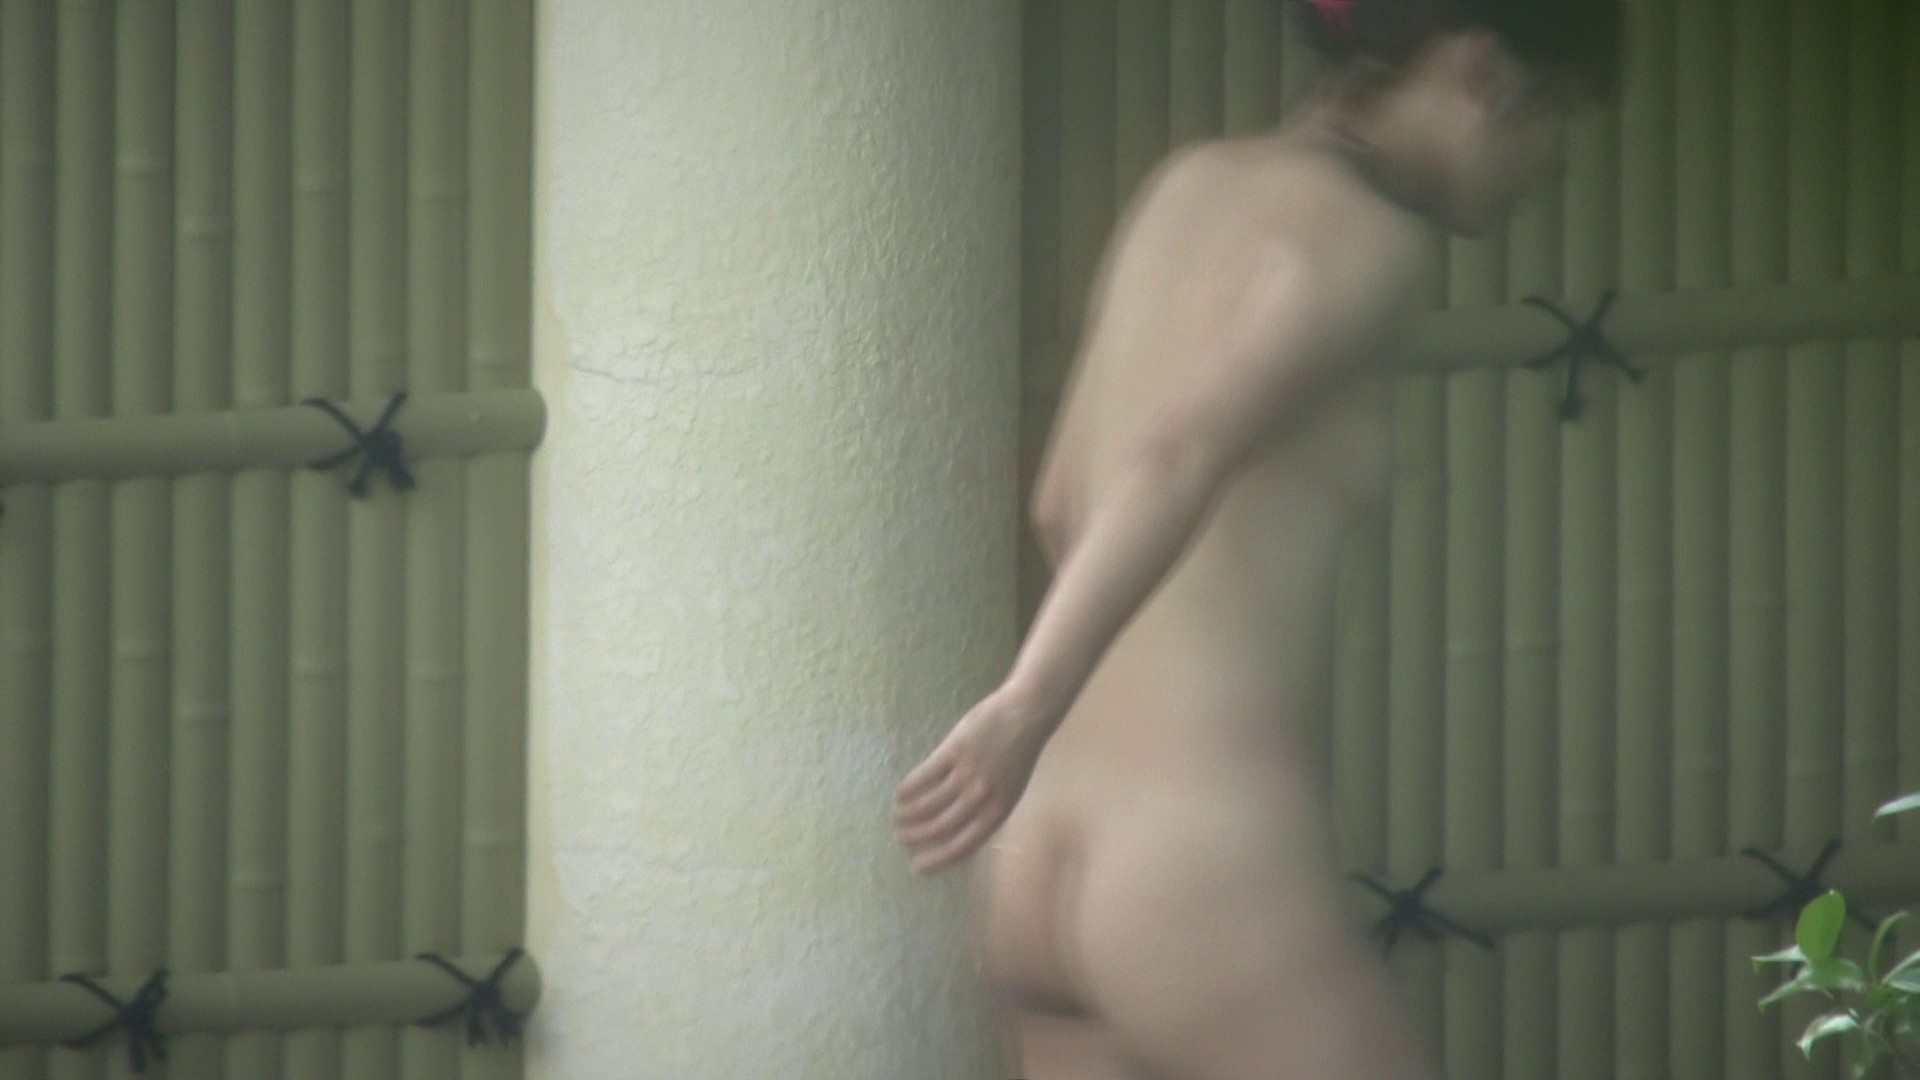 Aquaな露天風呂Vol.196 美しいOLの裸体  72pic 69